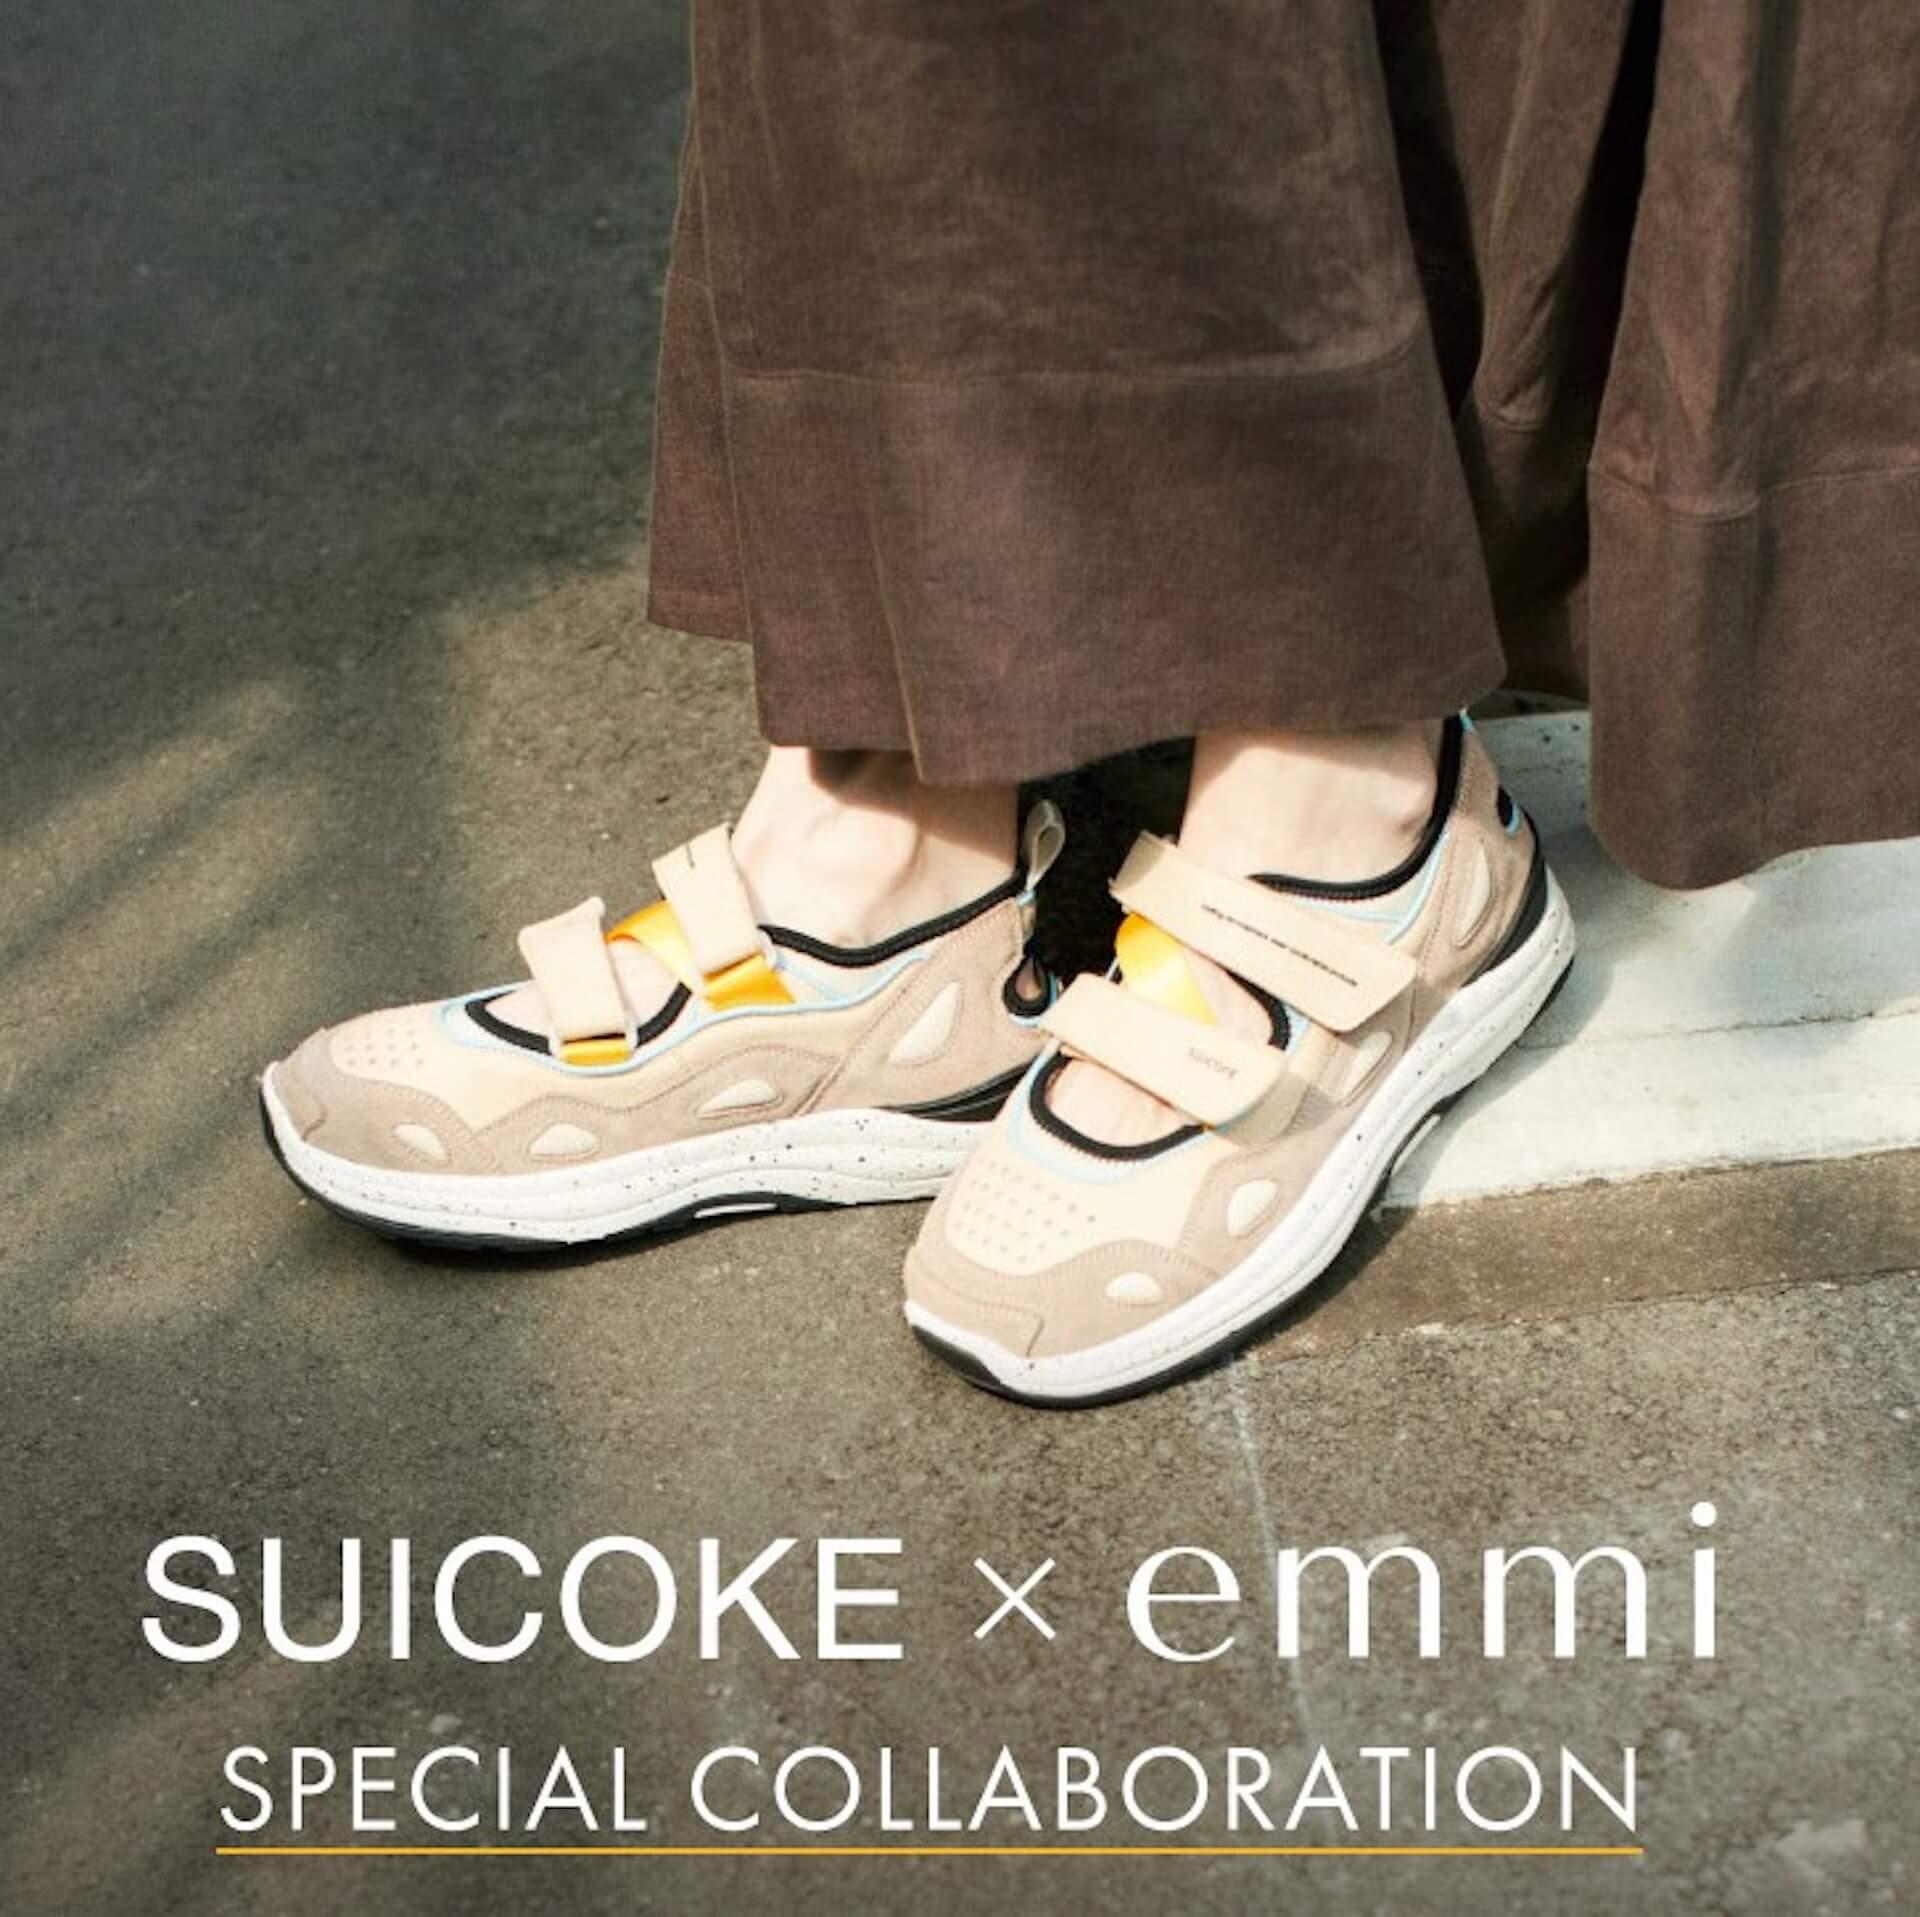 「emmi」と「SUICOKE」のコラボレーションシューズAKK-abEMMが発売決定!イエローとブルーが映える別注カラー fashion_210713_emmi1